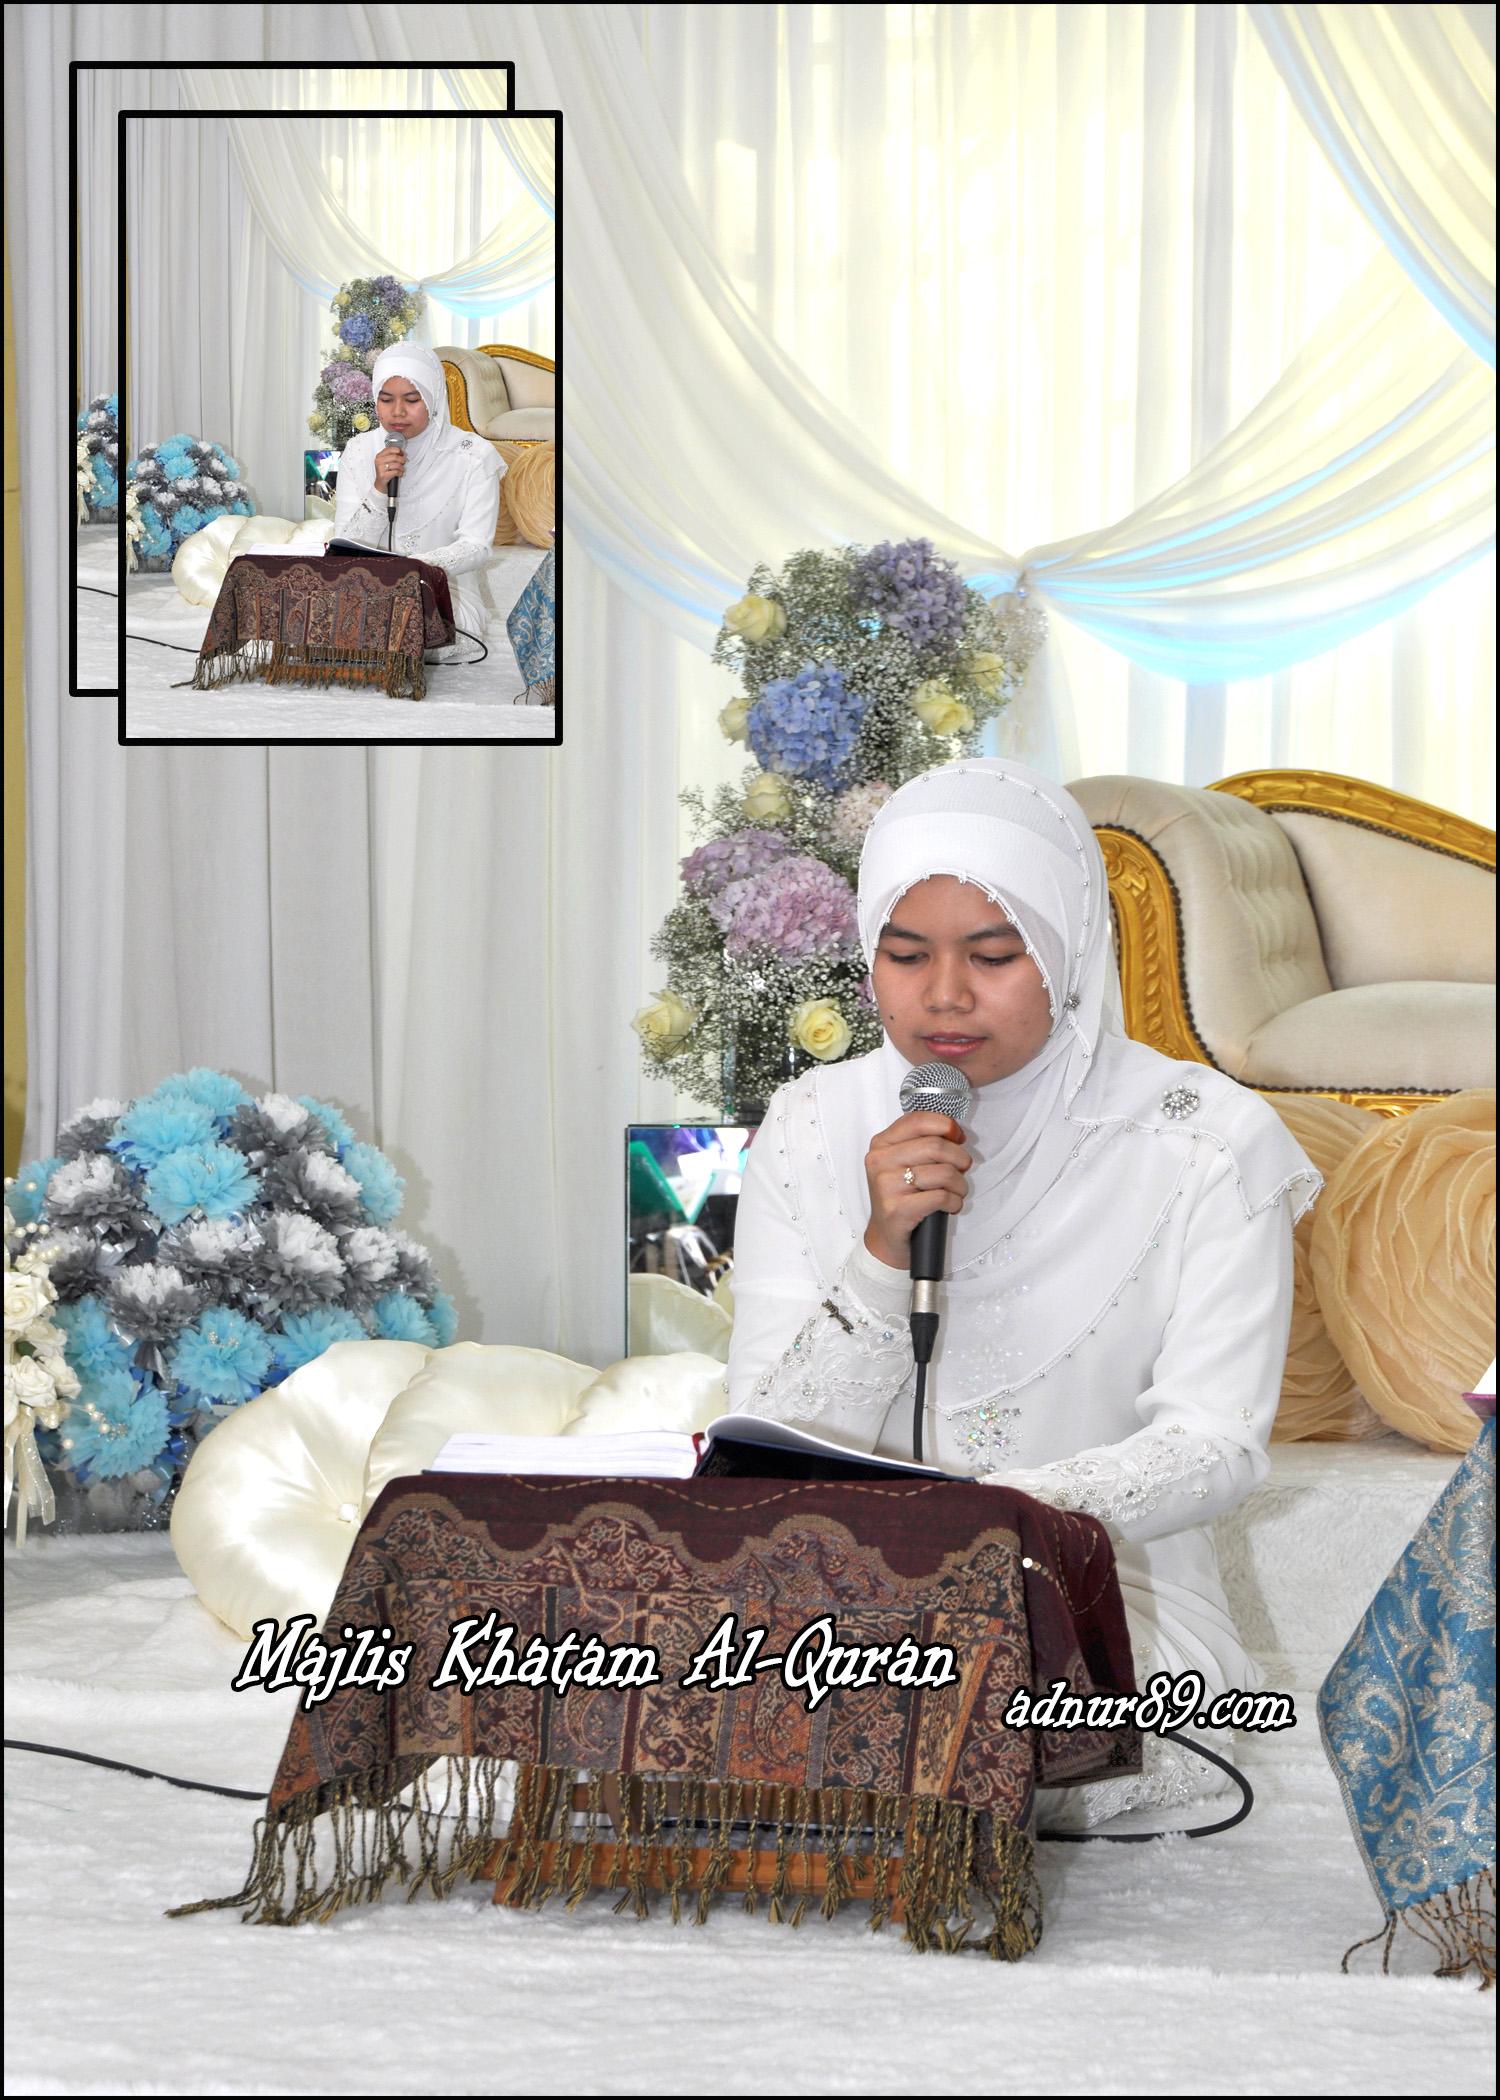 khatam2